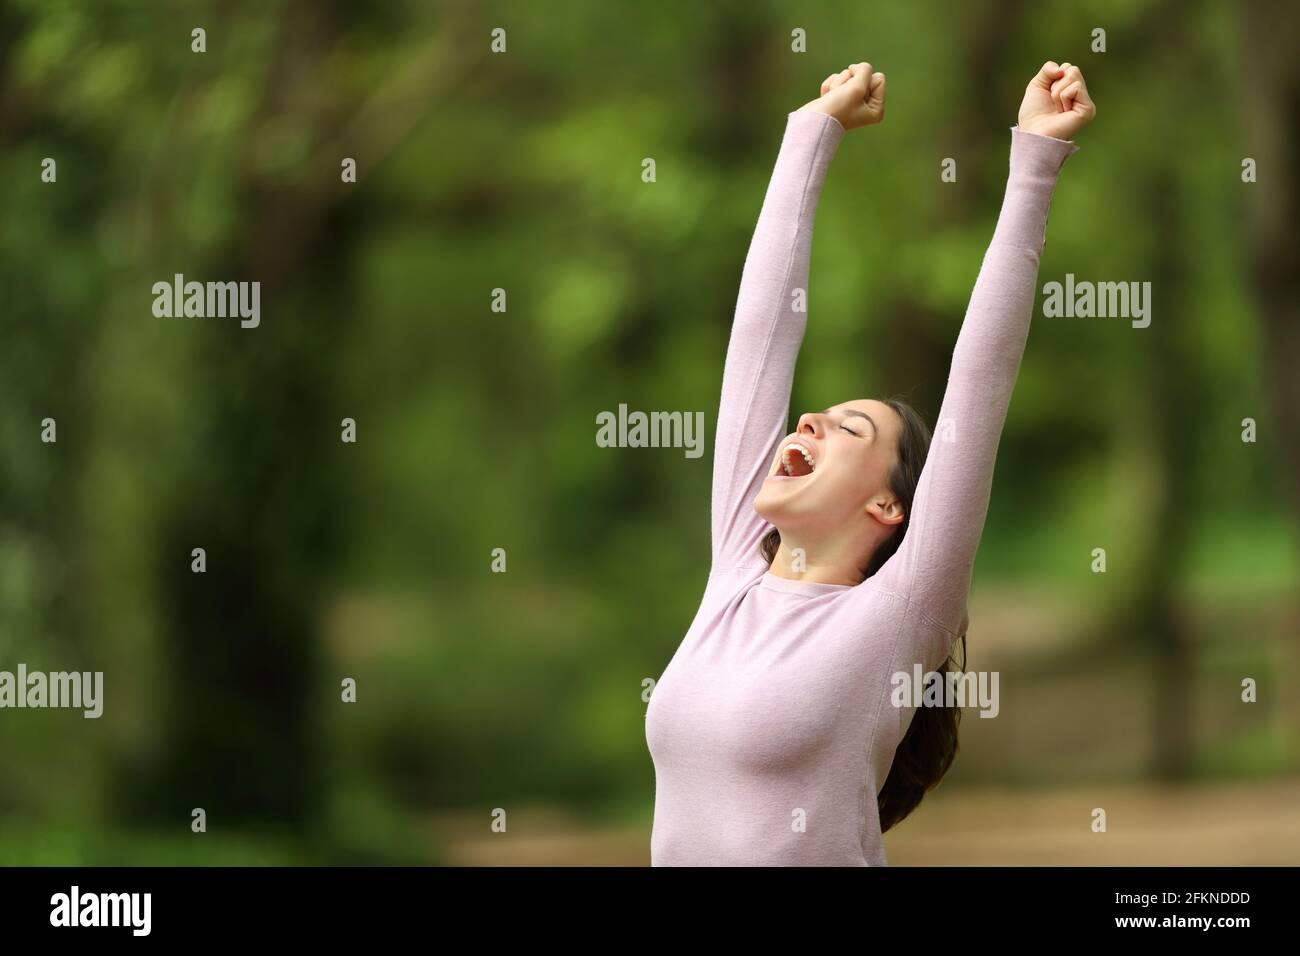 Une femme excitée se levant les bras et hurlant à célébrer dans un vert forêt Banque D'Images